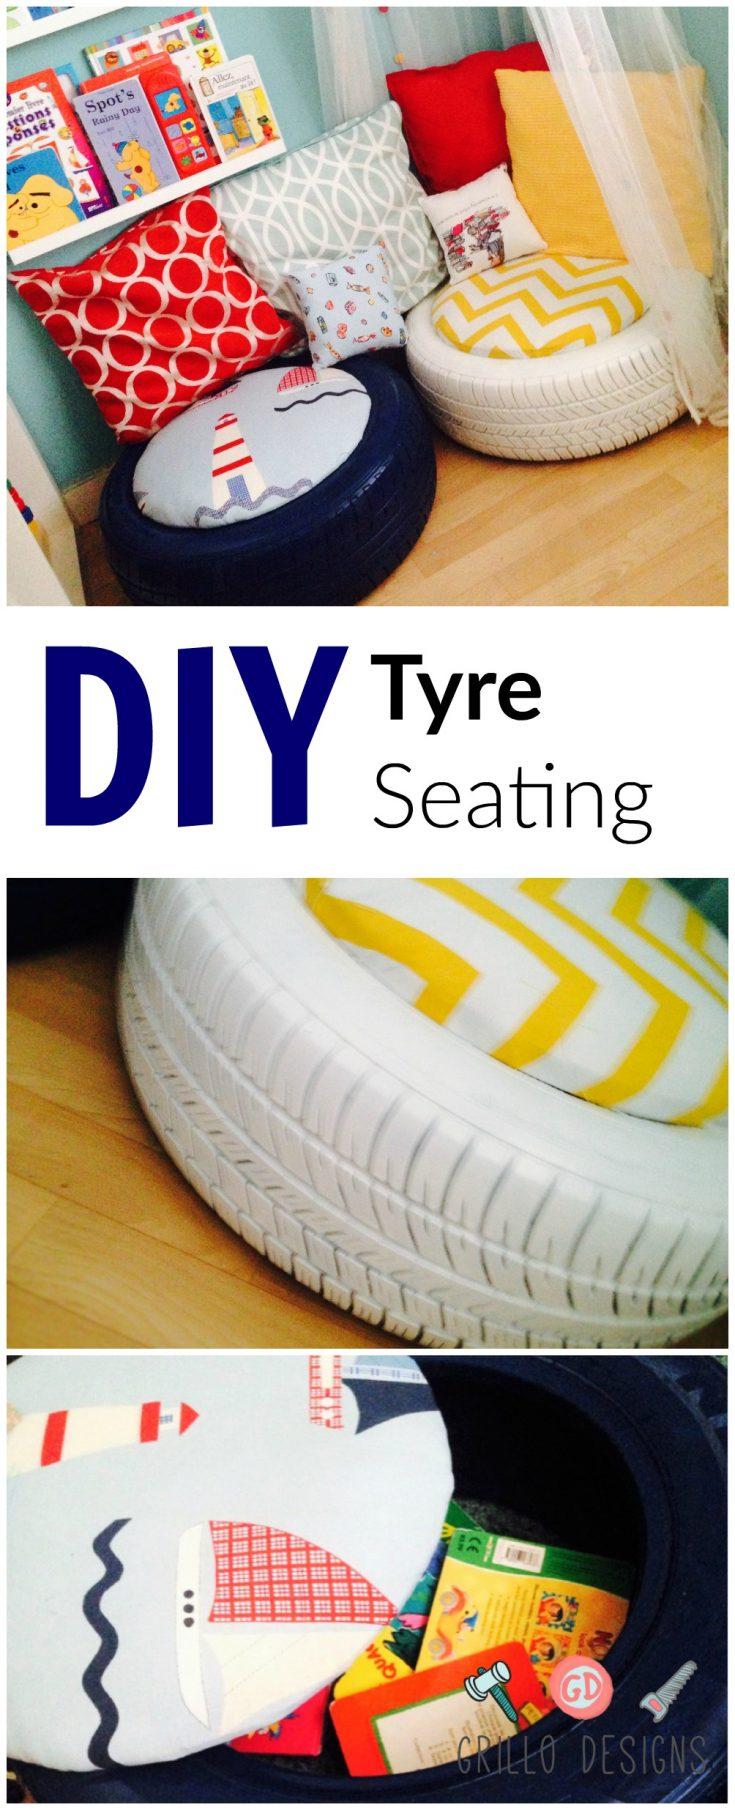 DIY Tyre Seating Tutorial